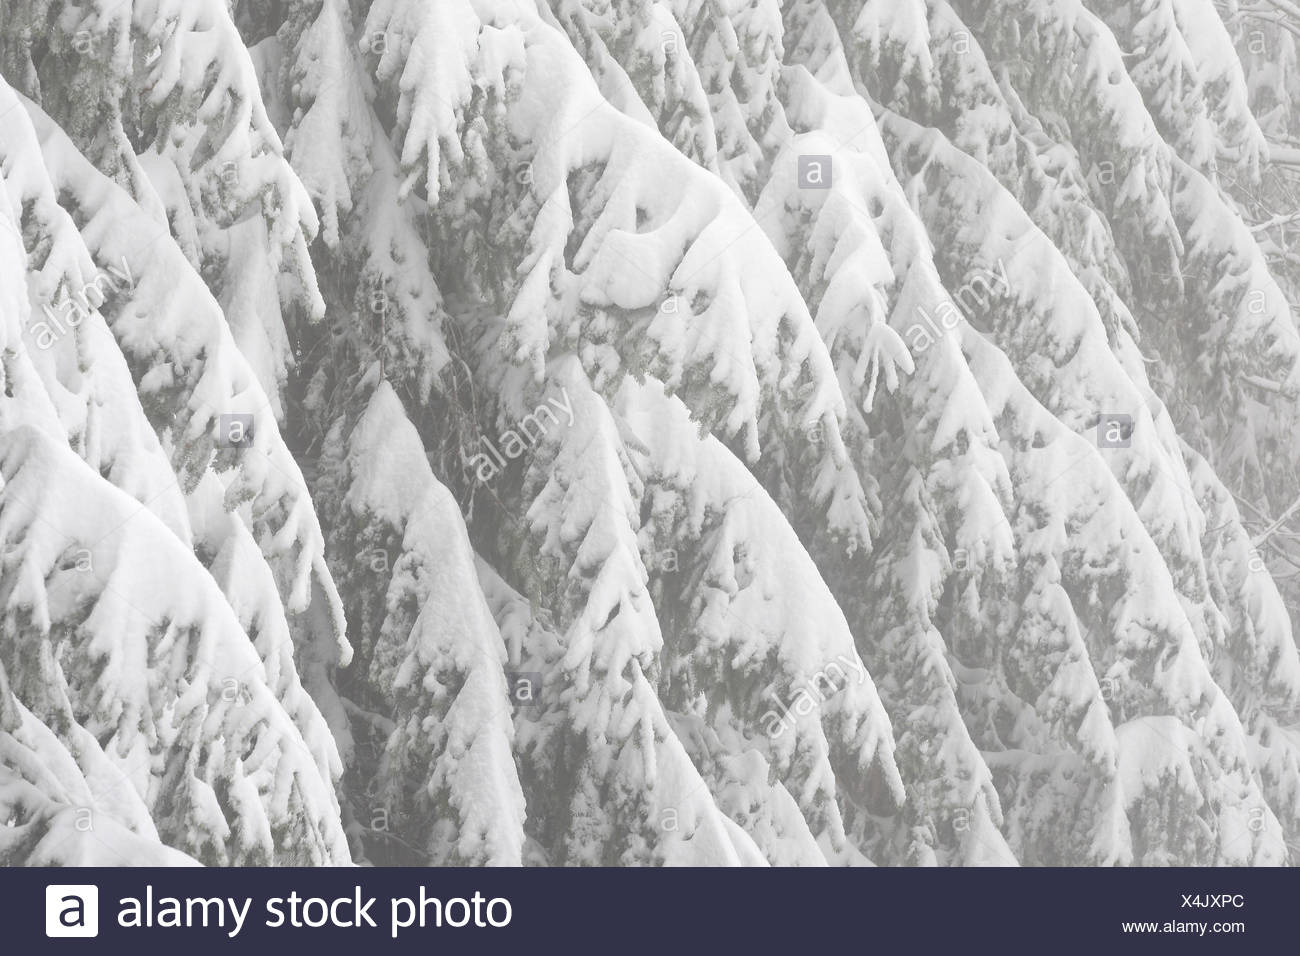 Besneeuwd naaldbos in de winter, nationaal park Vercors, Frankrijk Snow covered pine forest in winter, Vercors national parc, France - Stock Image